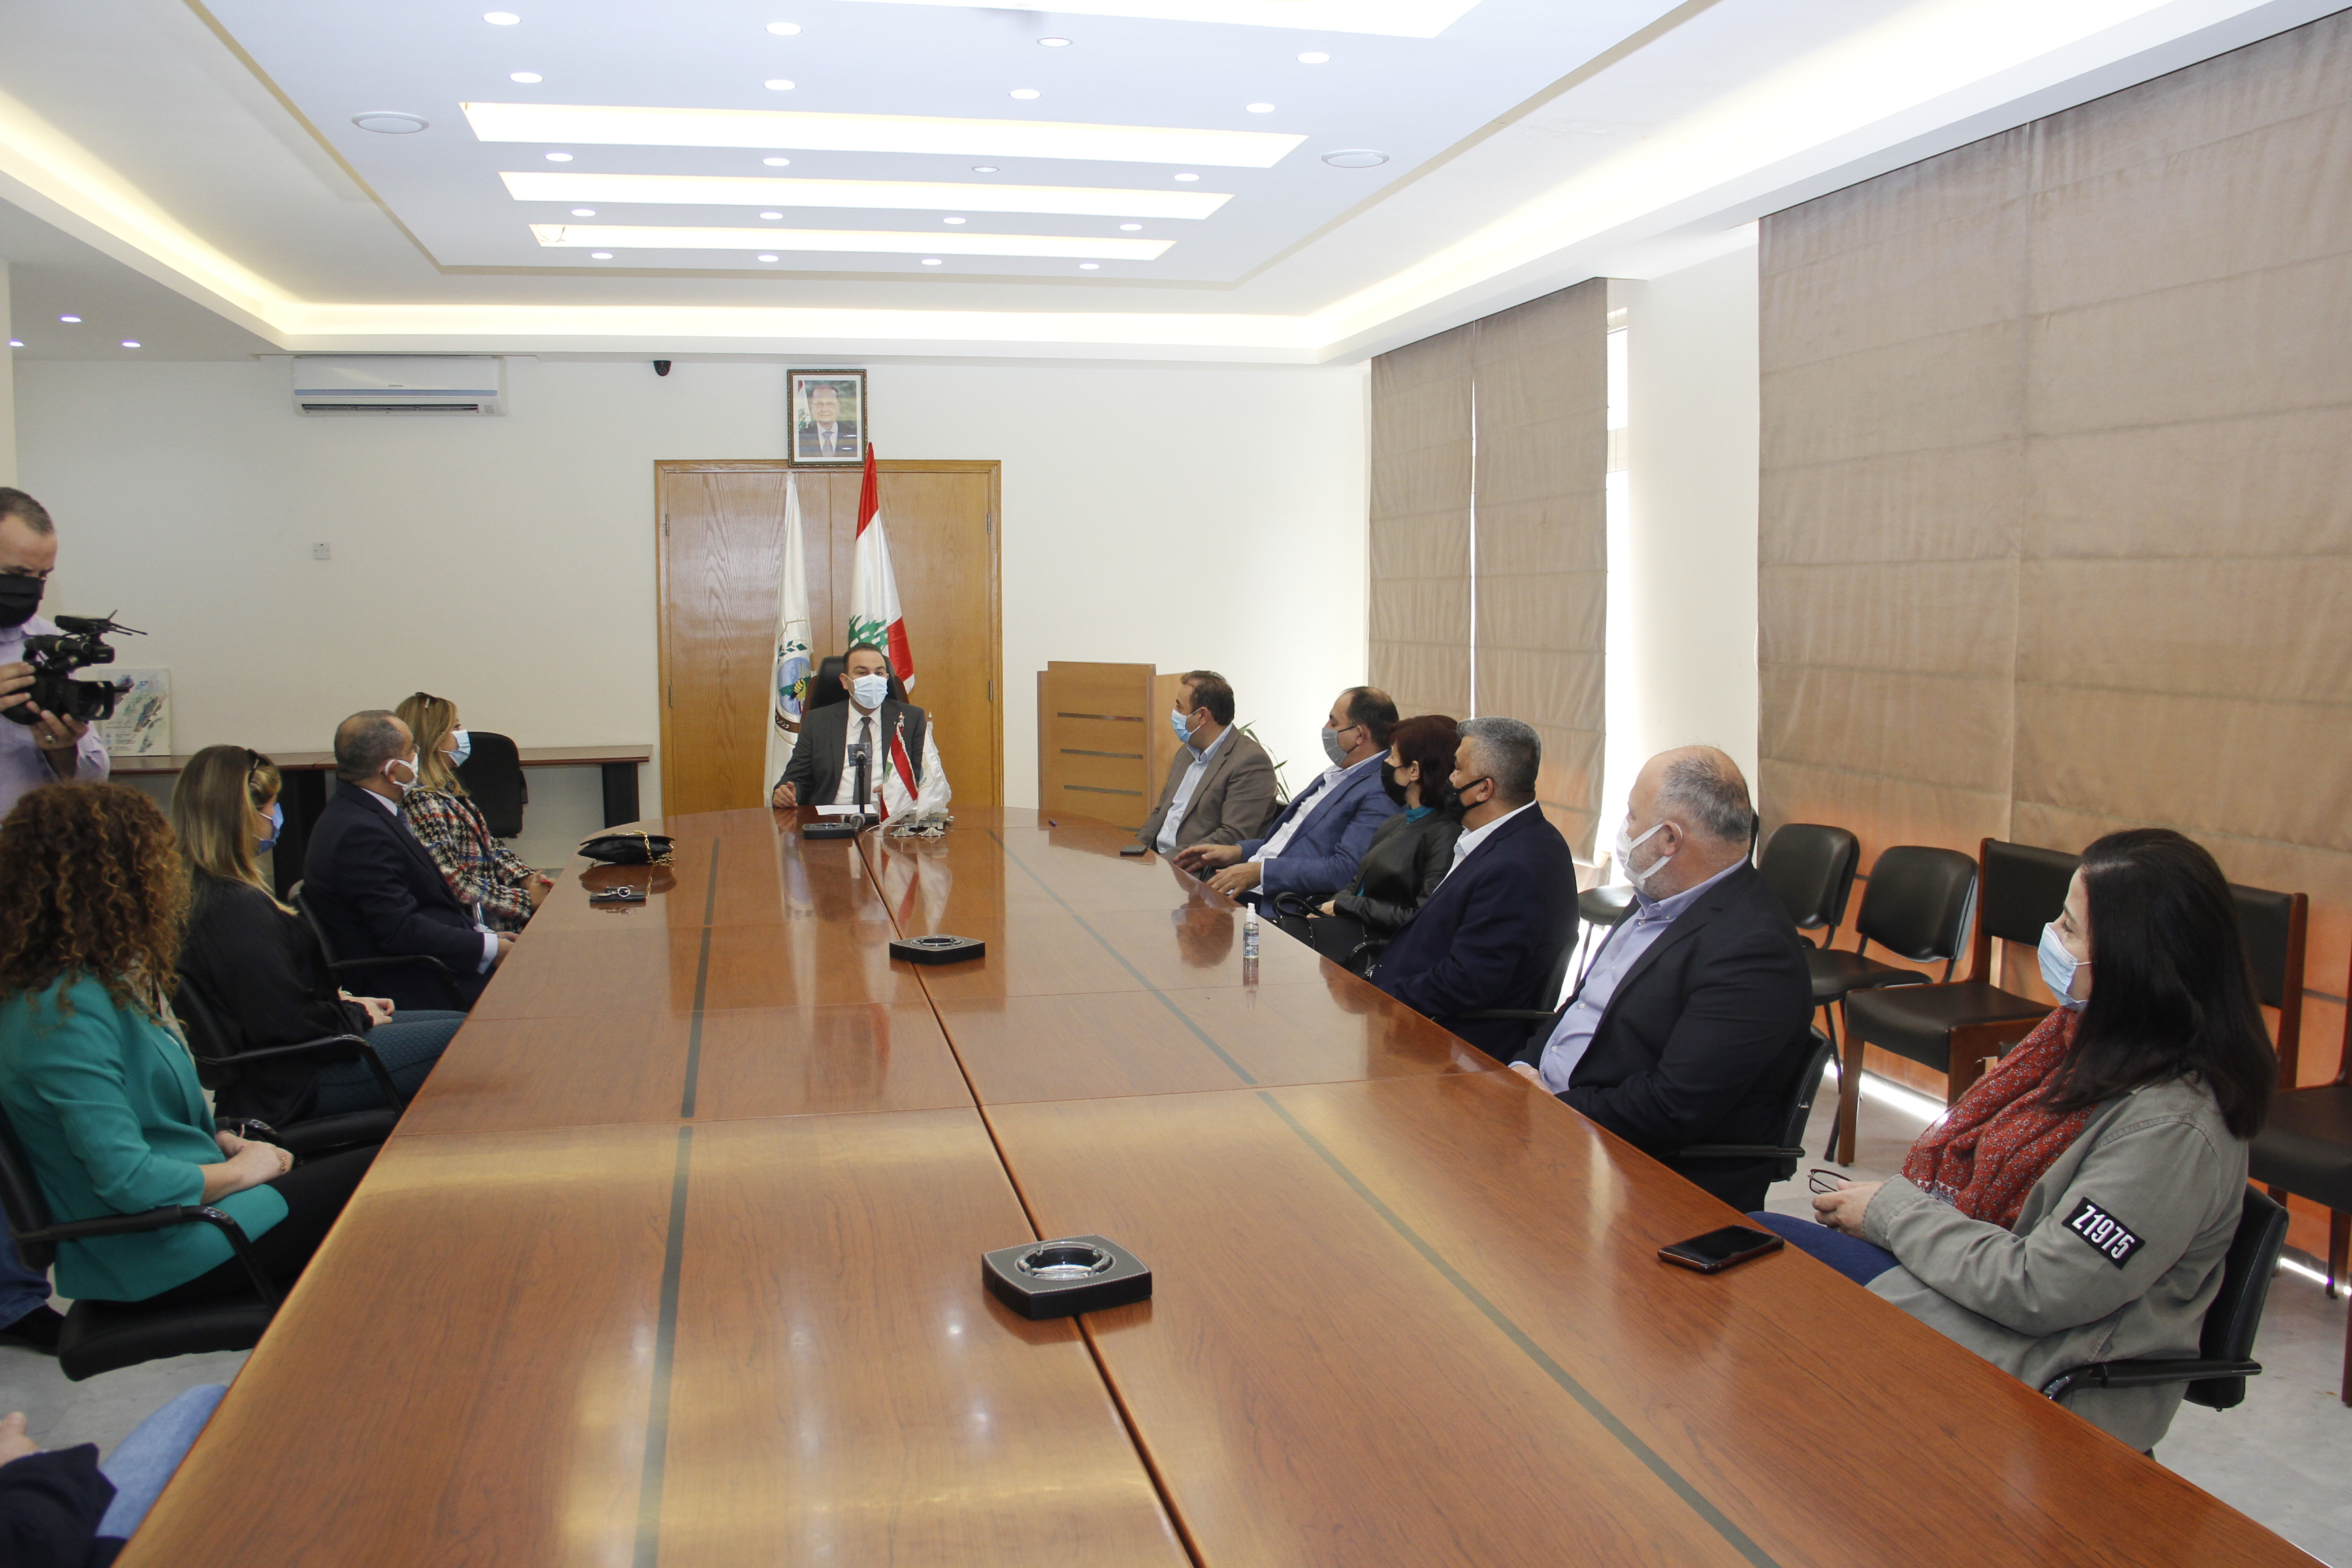 وزير الزراعة استقبل عميدة كلية الزراعة في الجامعة اللبنانية د. نادين ناصيف مع مج(1)